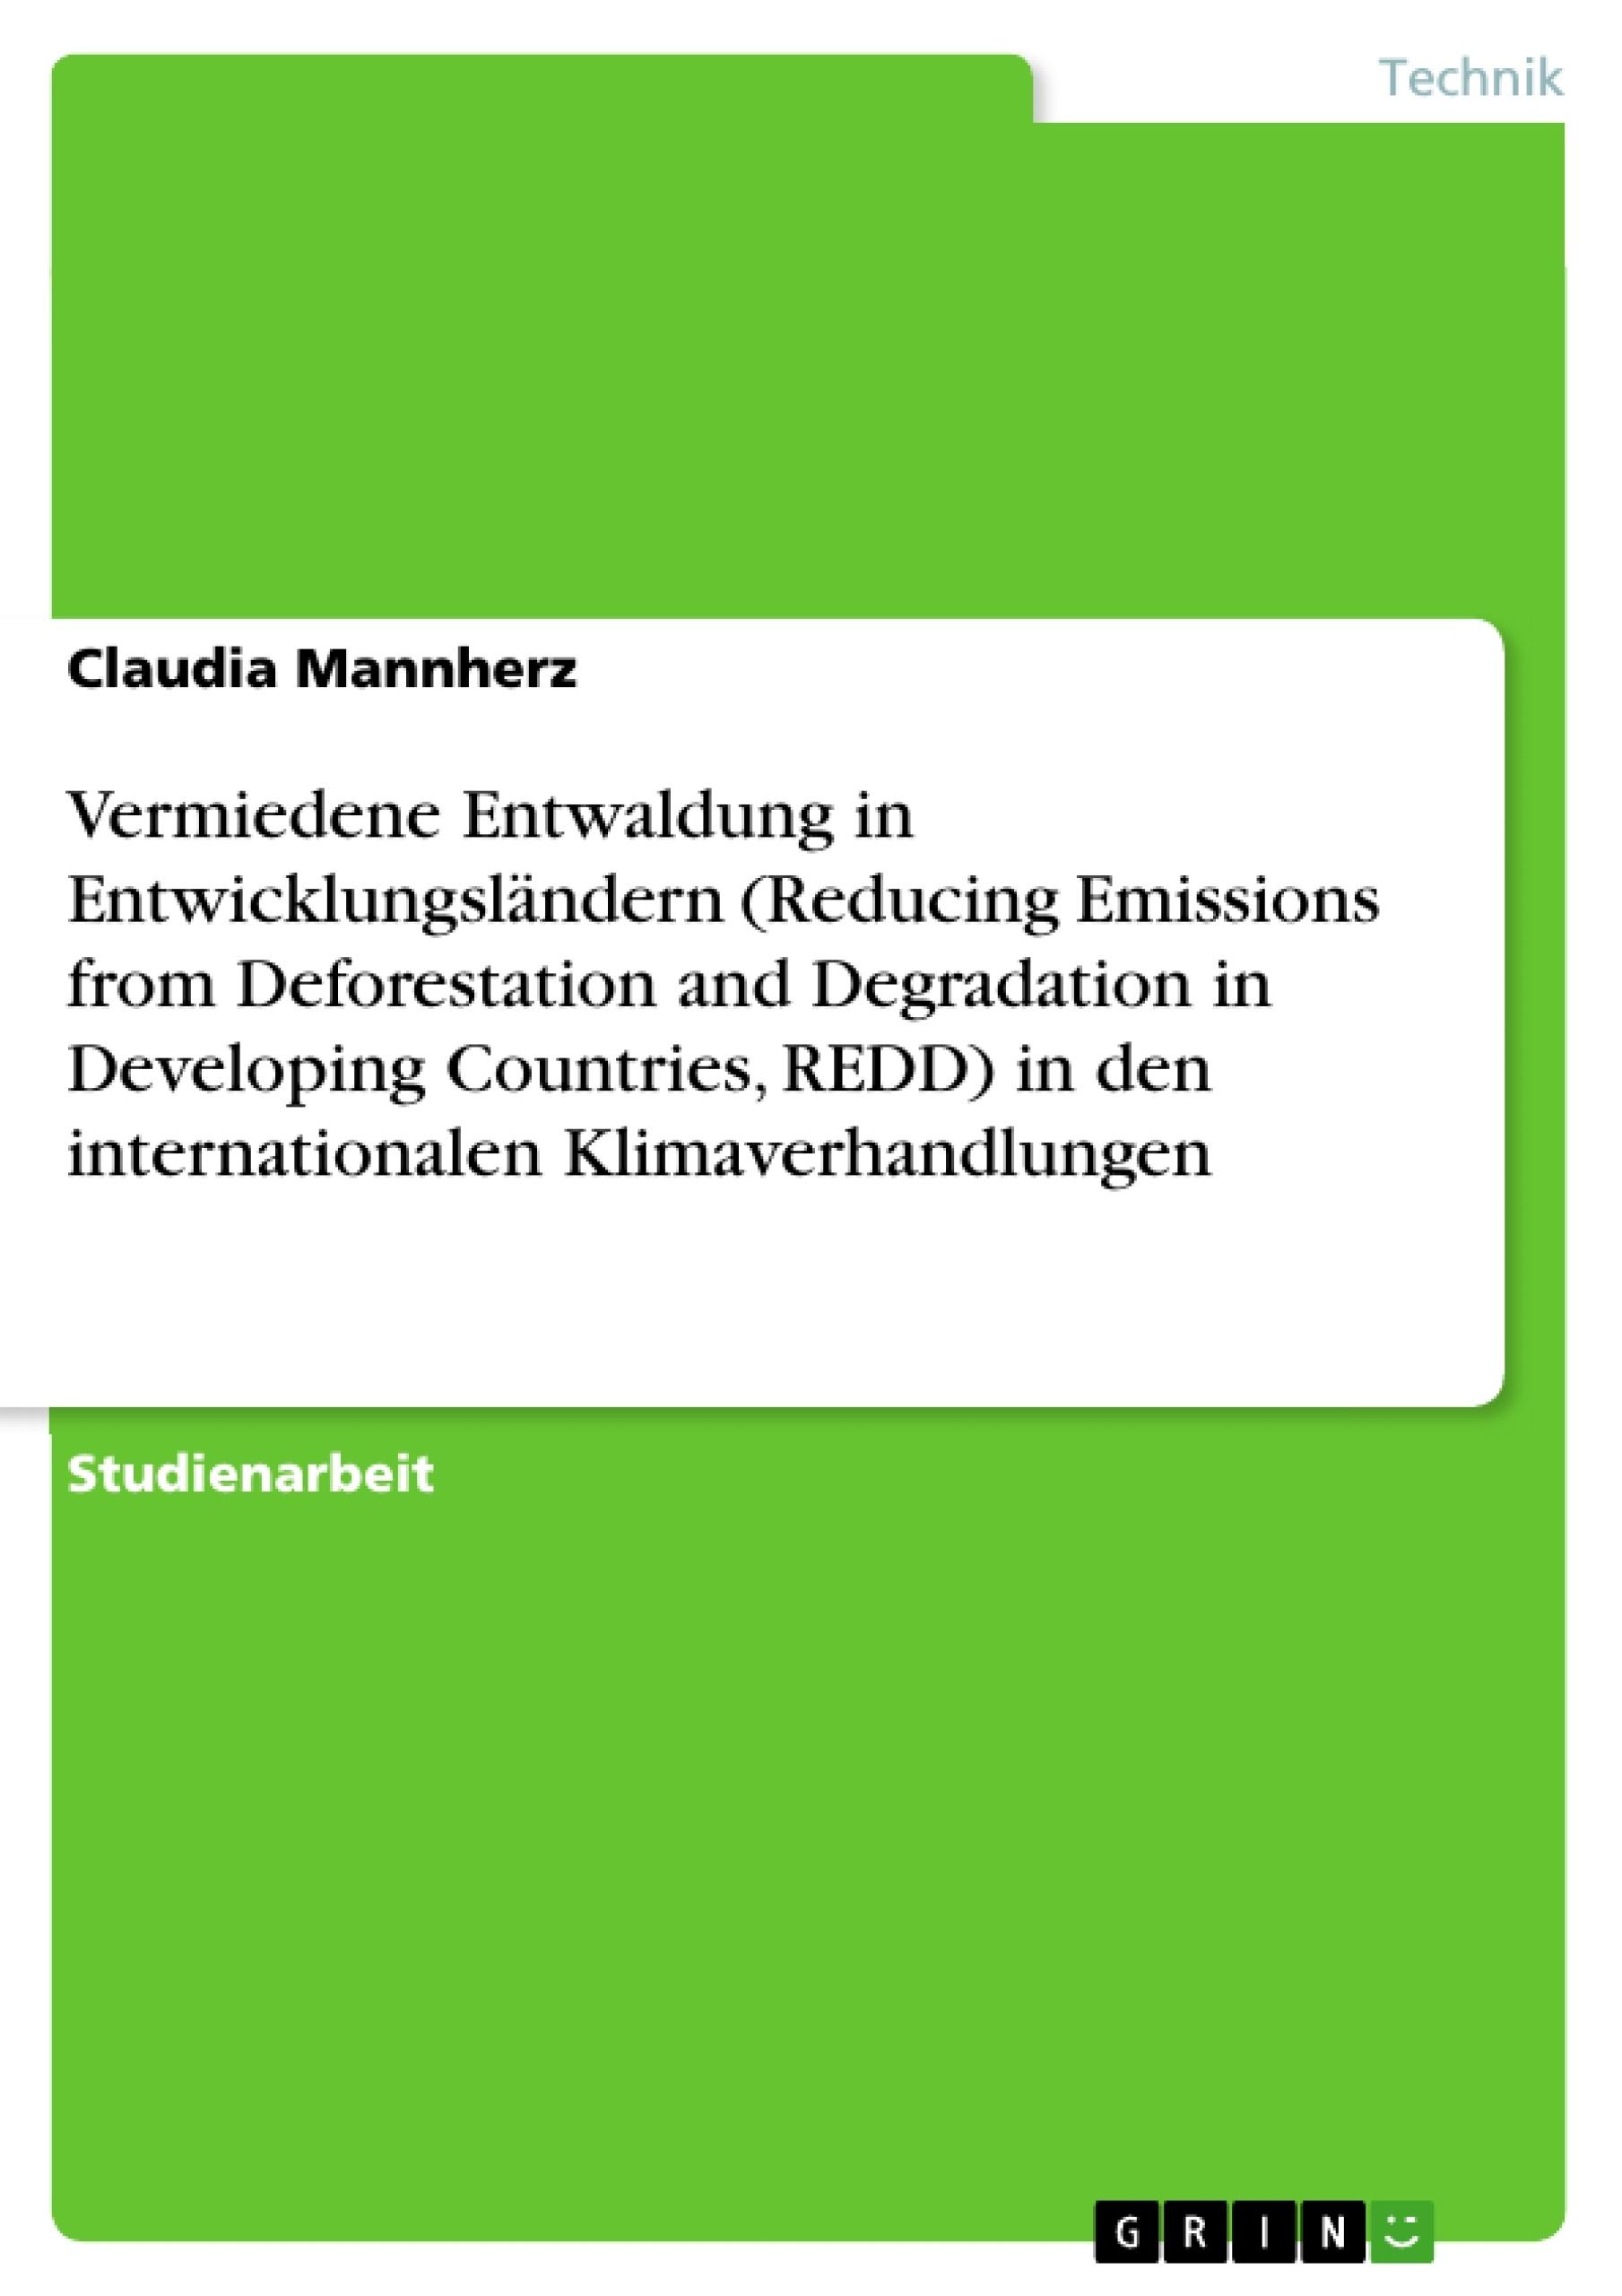 Titel: Vermiedene Entwaldung in Entwicklungsländern (Reducing Emissions from Deforestation and Degradation in Developing Countries, REDD) in den internationalen Klimaverhandlungen